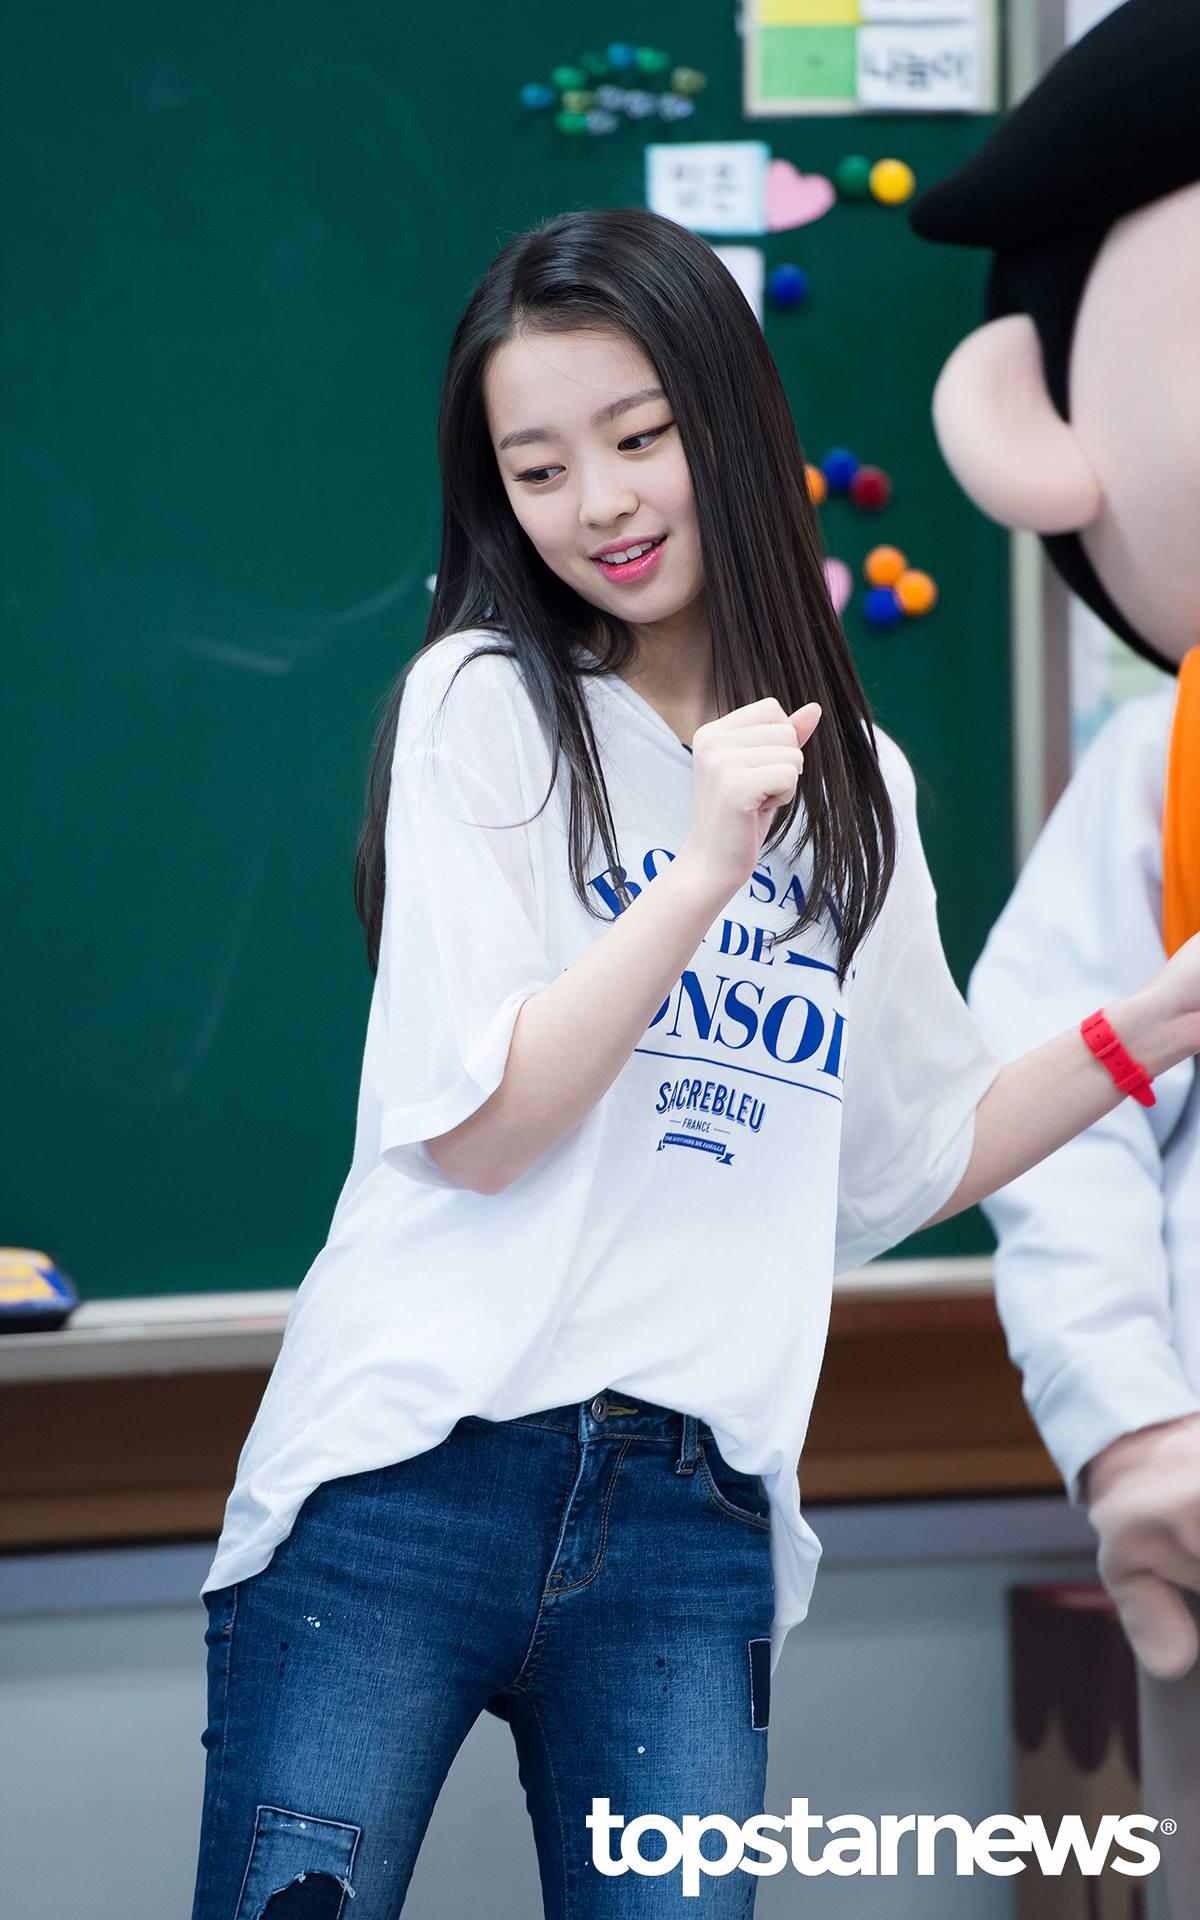 人氣急竄的李秀敏,不僅是「韓國小學生界的女神」,想必沒多久之後,人氣必定還會再上漲!